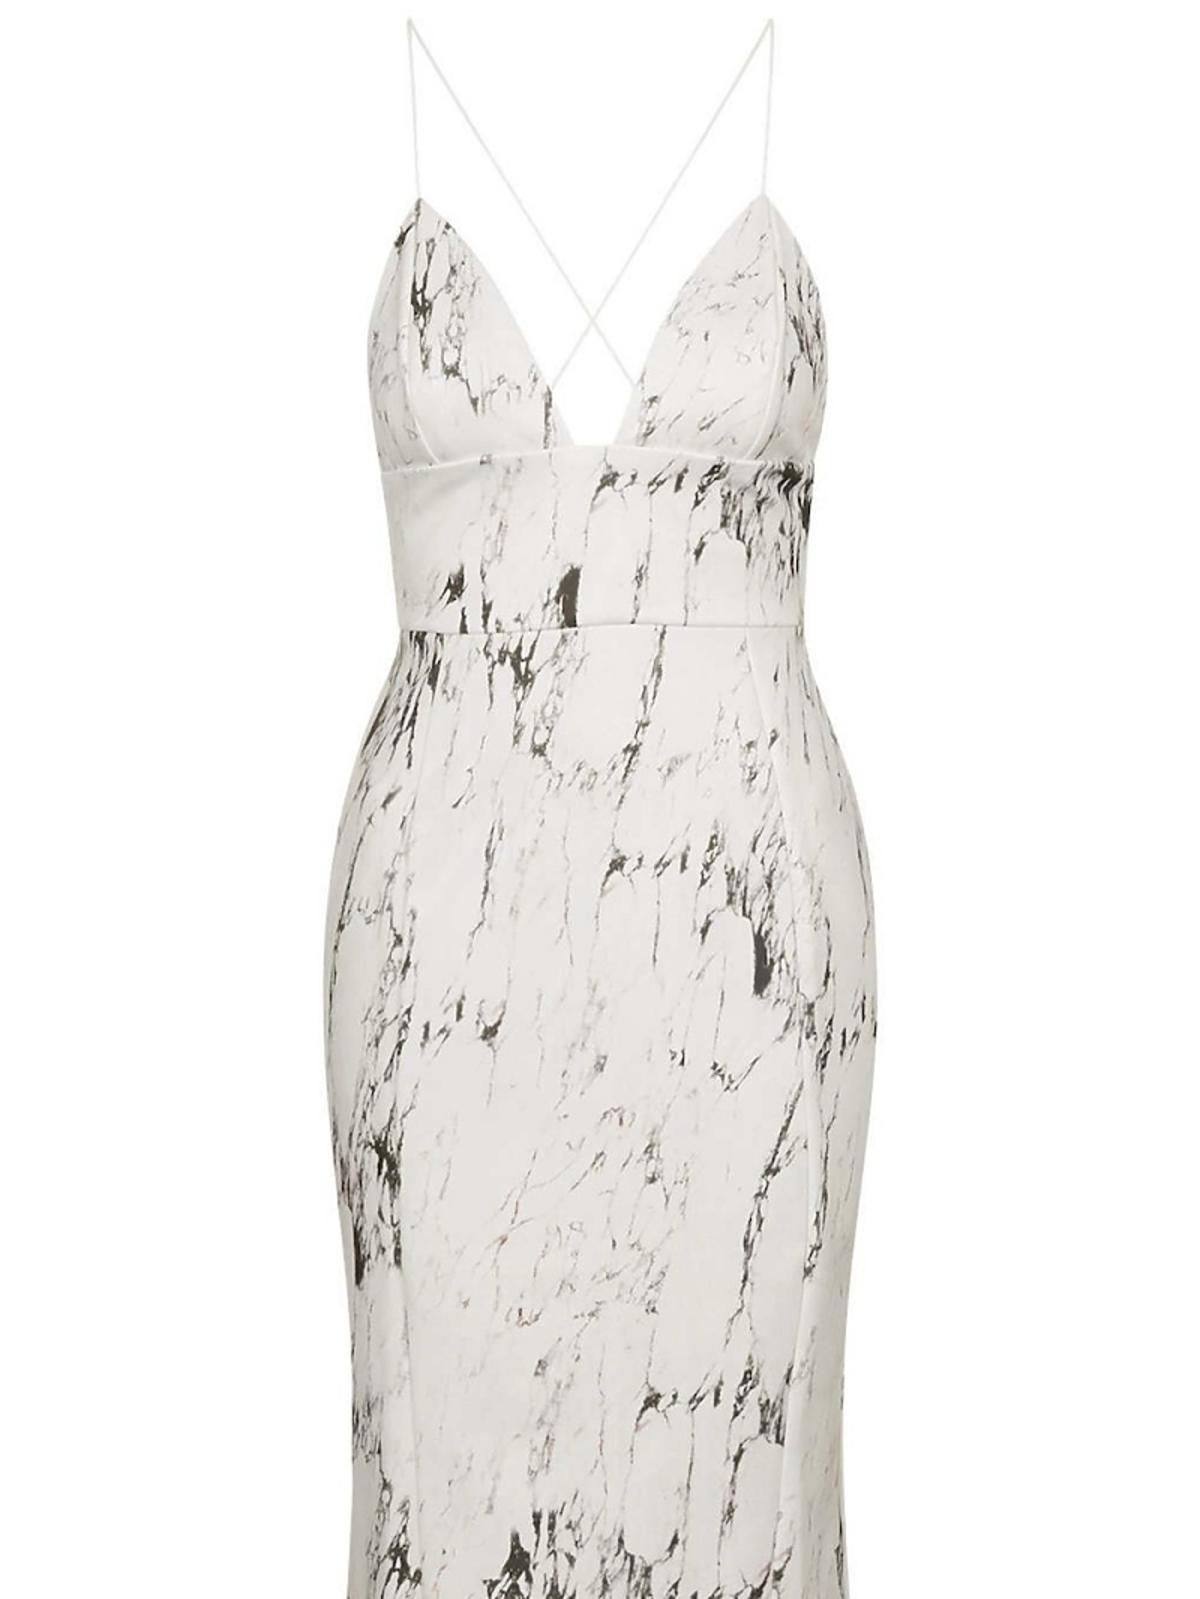 Sukienka Topshop, ok. 200 zł